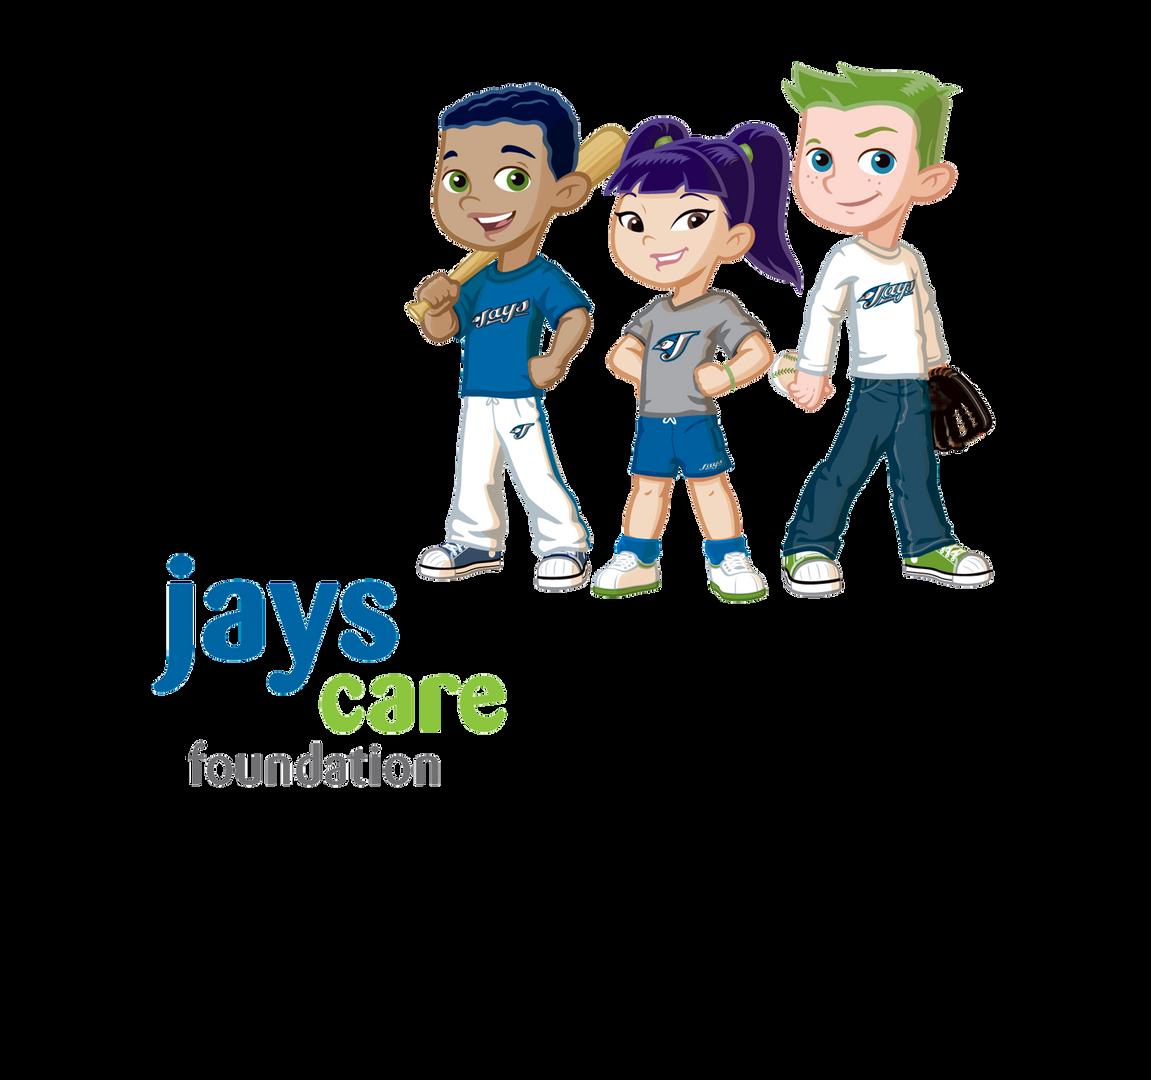 Jays Care - Mascots